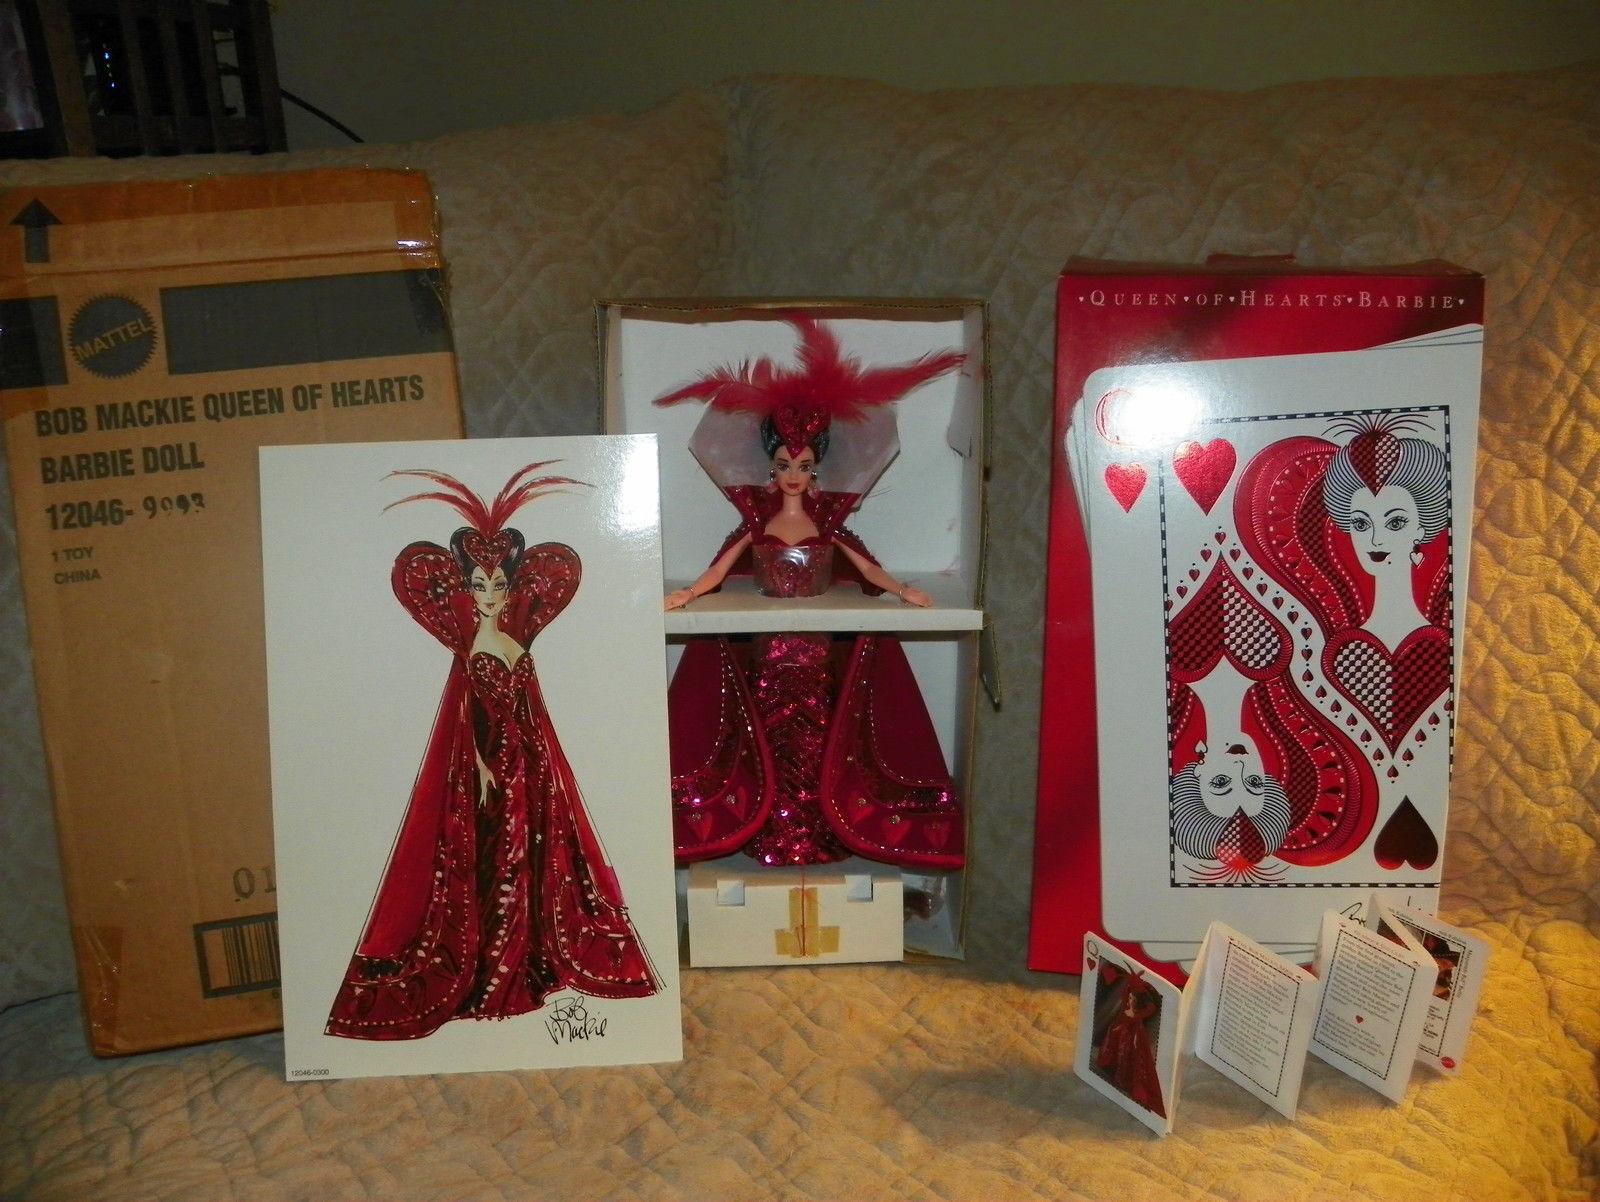 Bob Mackie Diseño Reina De Corazones Barbie, 1994, w factory Cargador Nuevo En Caja